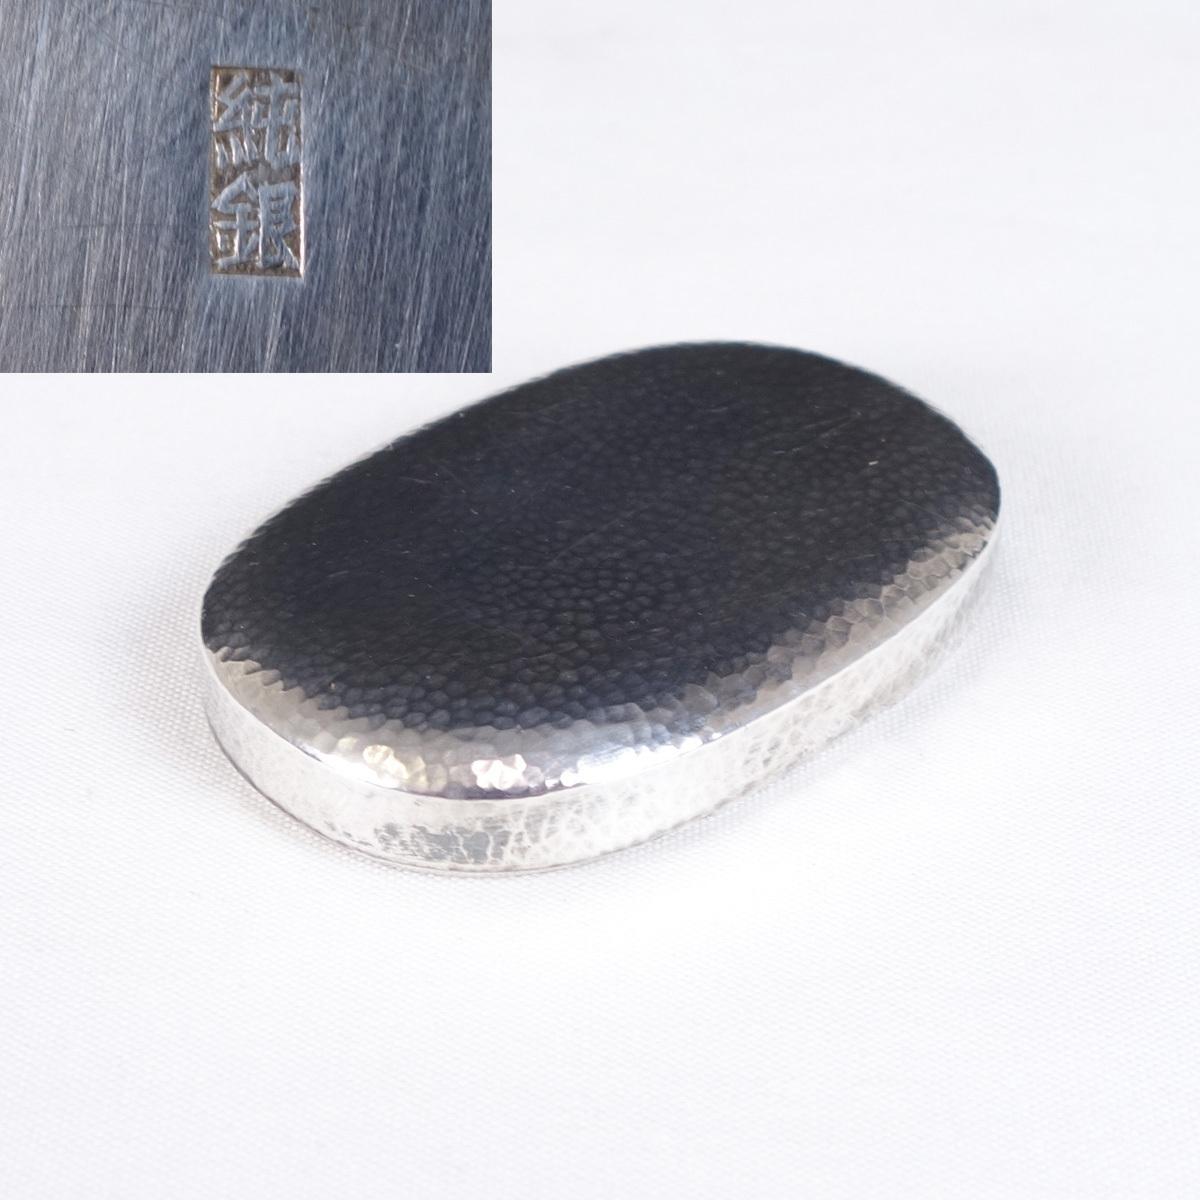 蔵壷◆『純銀 小判型 ヤンポ 約68.5g』 1点 刻印有 煎茶道具 菓子器 小物入 金属工芸